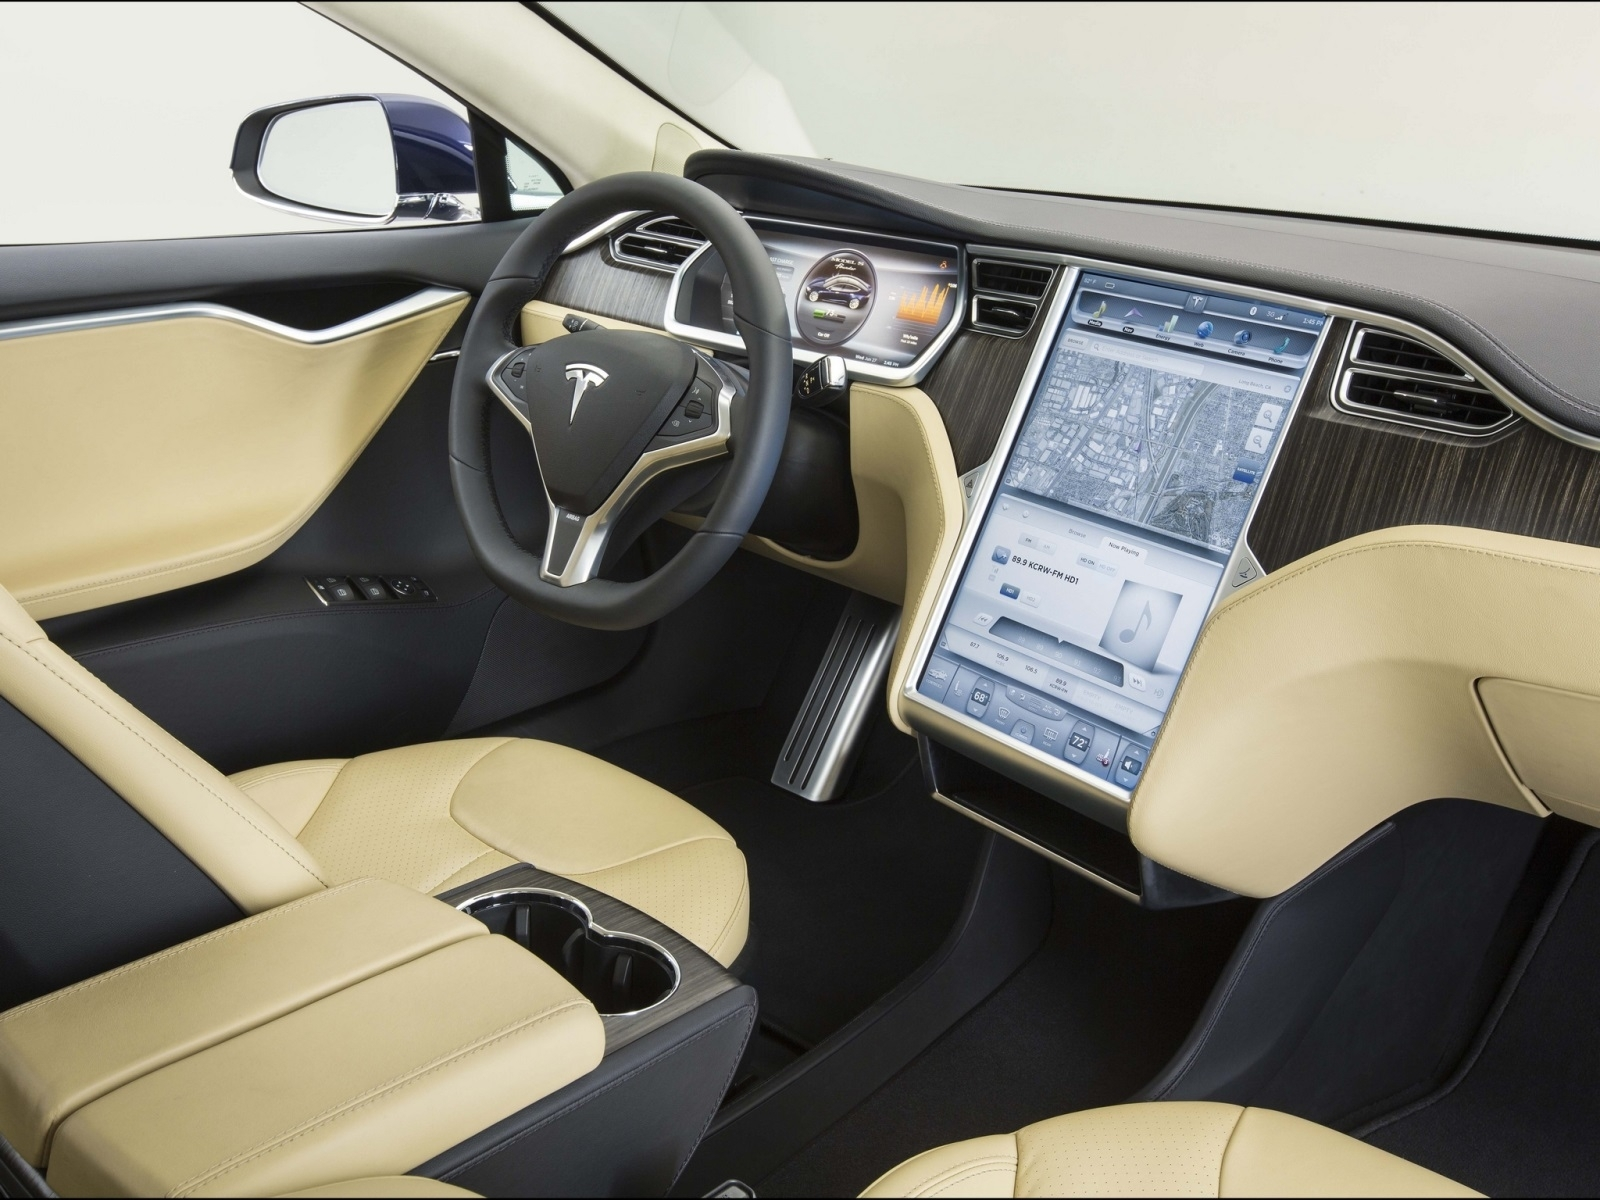 Автомобили Tesla (Тесла) - Продажа, Цены, Отзывы, Фото: 3 ...